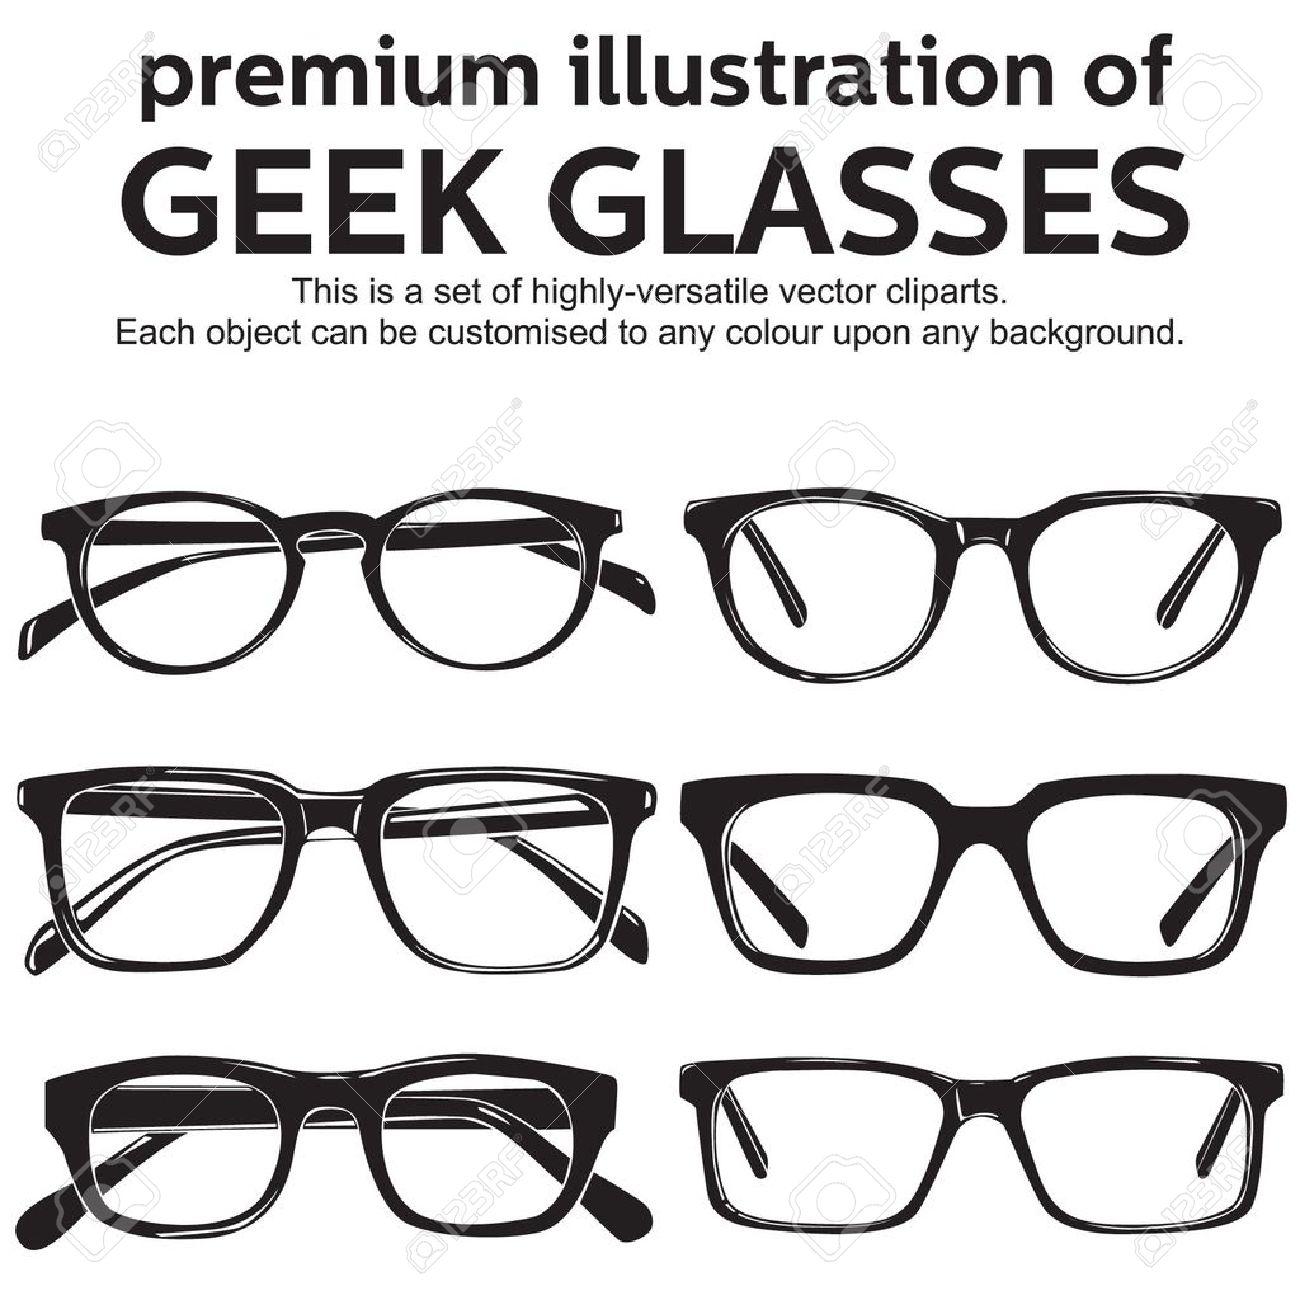 Gafas De Montura Metálica, Geek, Estilo Vintage Clipart ...